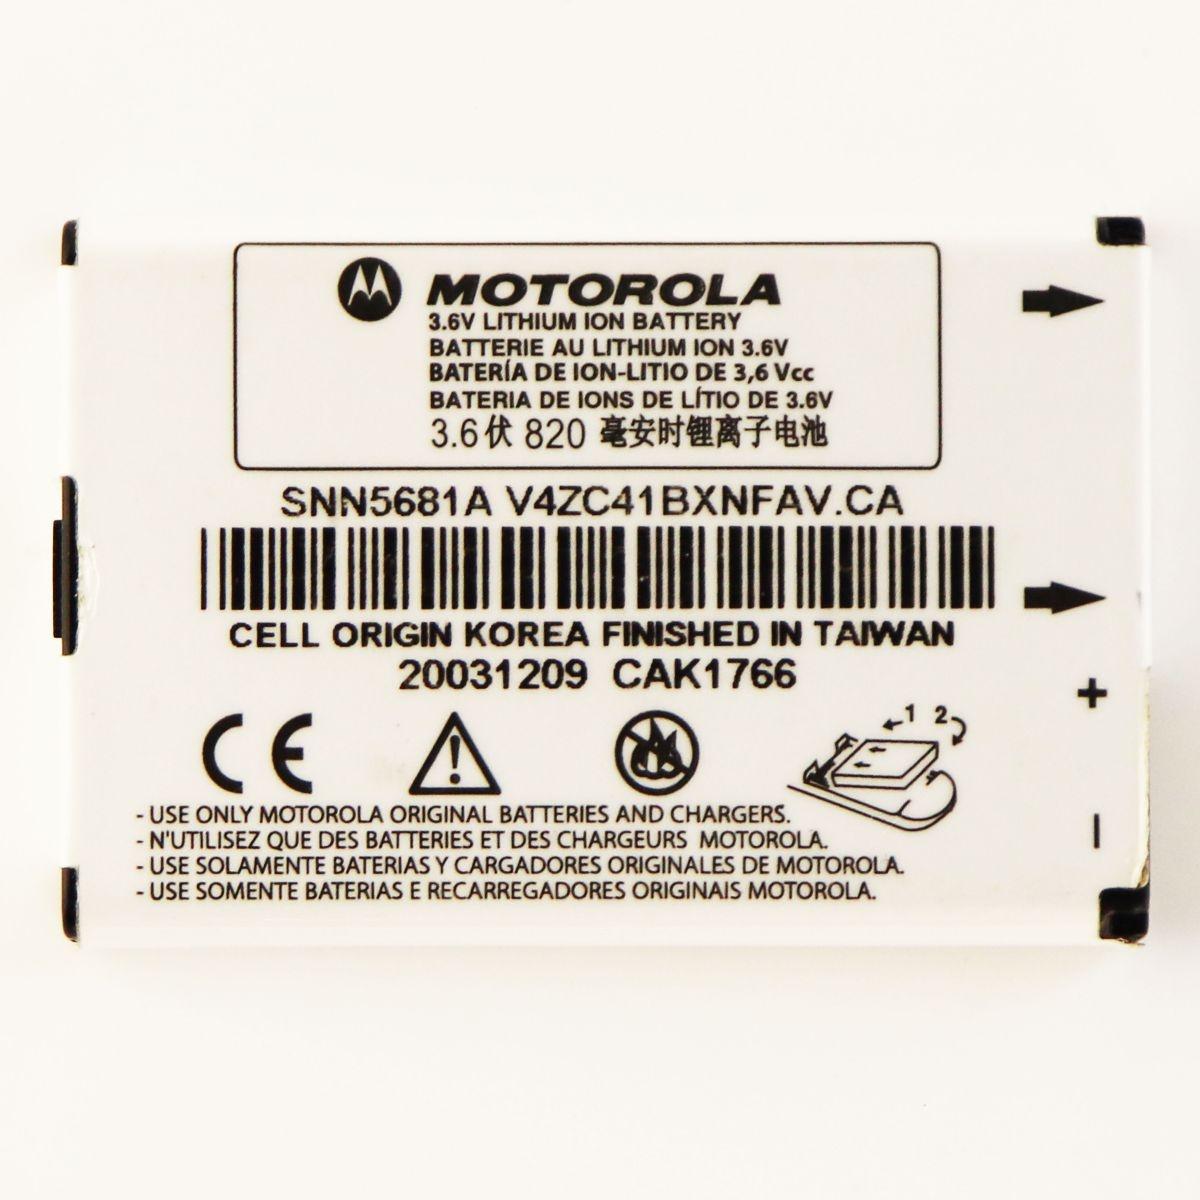 Motorola Li-ion Rechargeable 1140mAh Battery (SNN5705D) 3.6V for V60 i205 i305